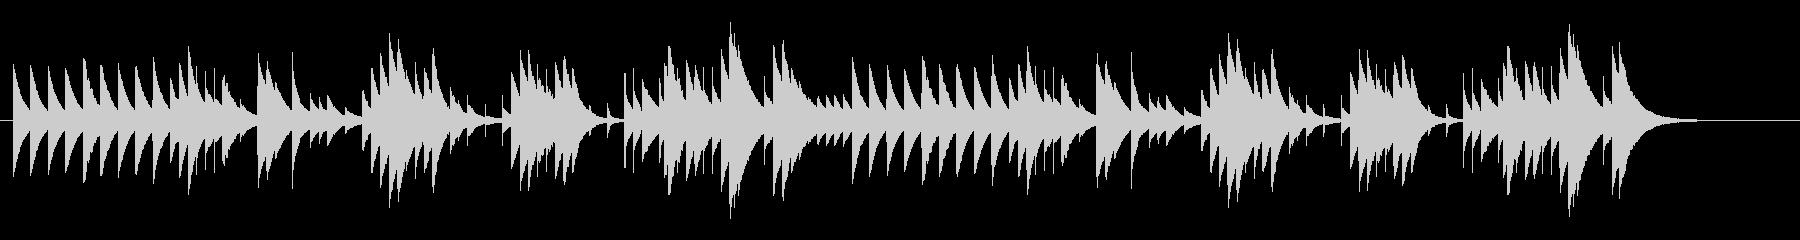 オルゴールG線上のアリアBPM48の未再生の波形